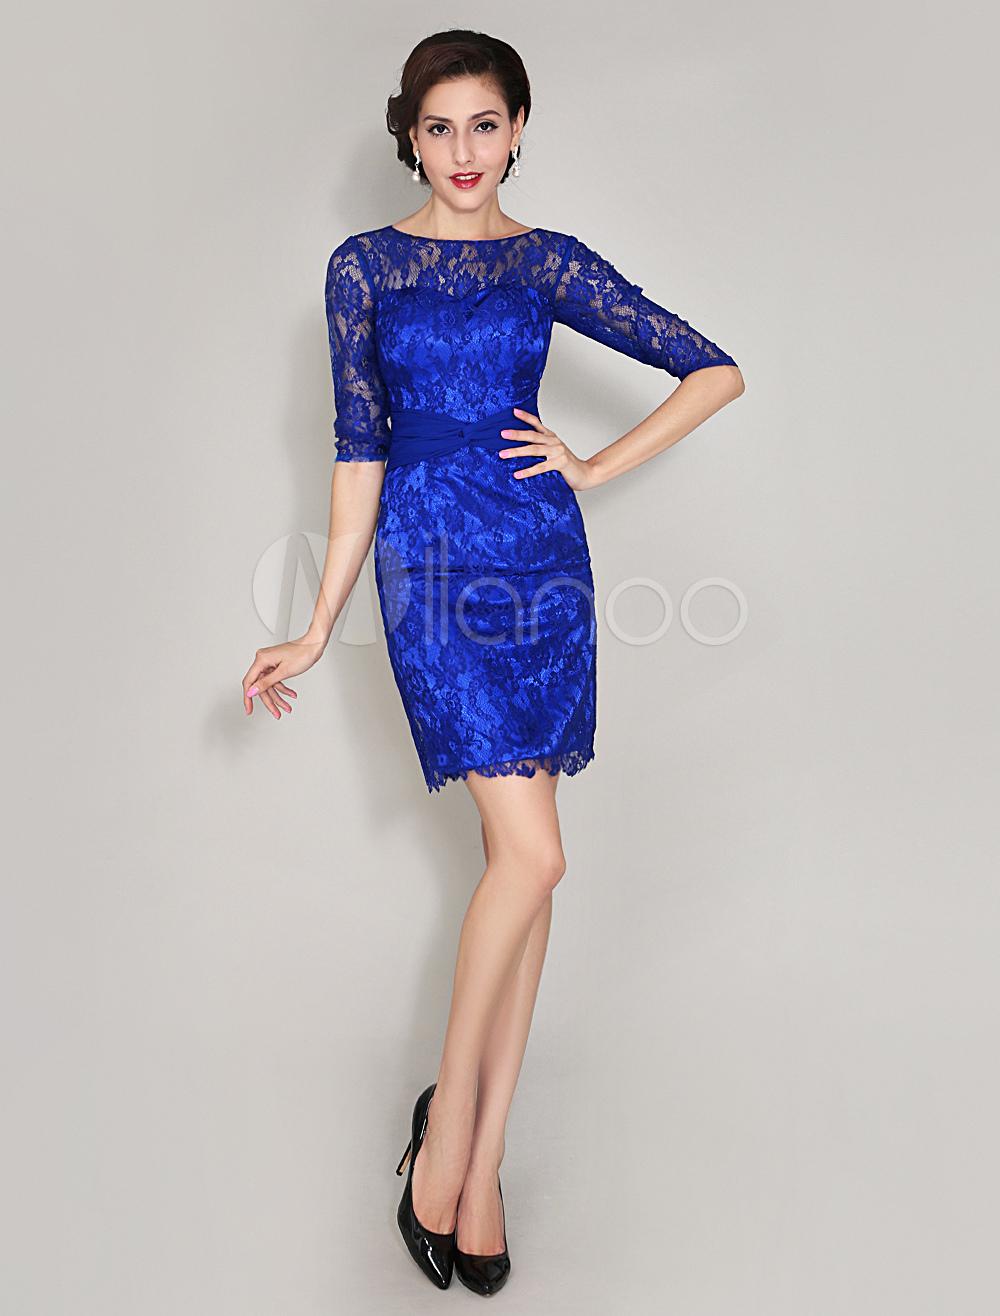 Popolare Vestito In Pizzo Blu QT45 » Regardsdefemmes UZ75